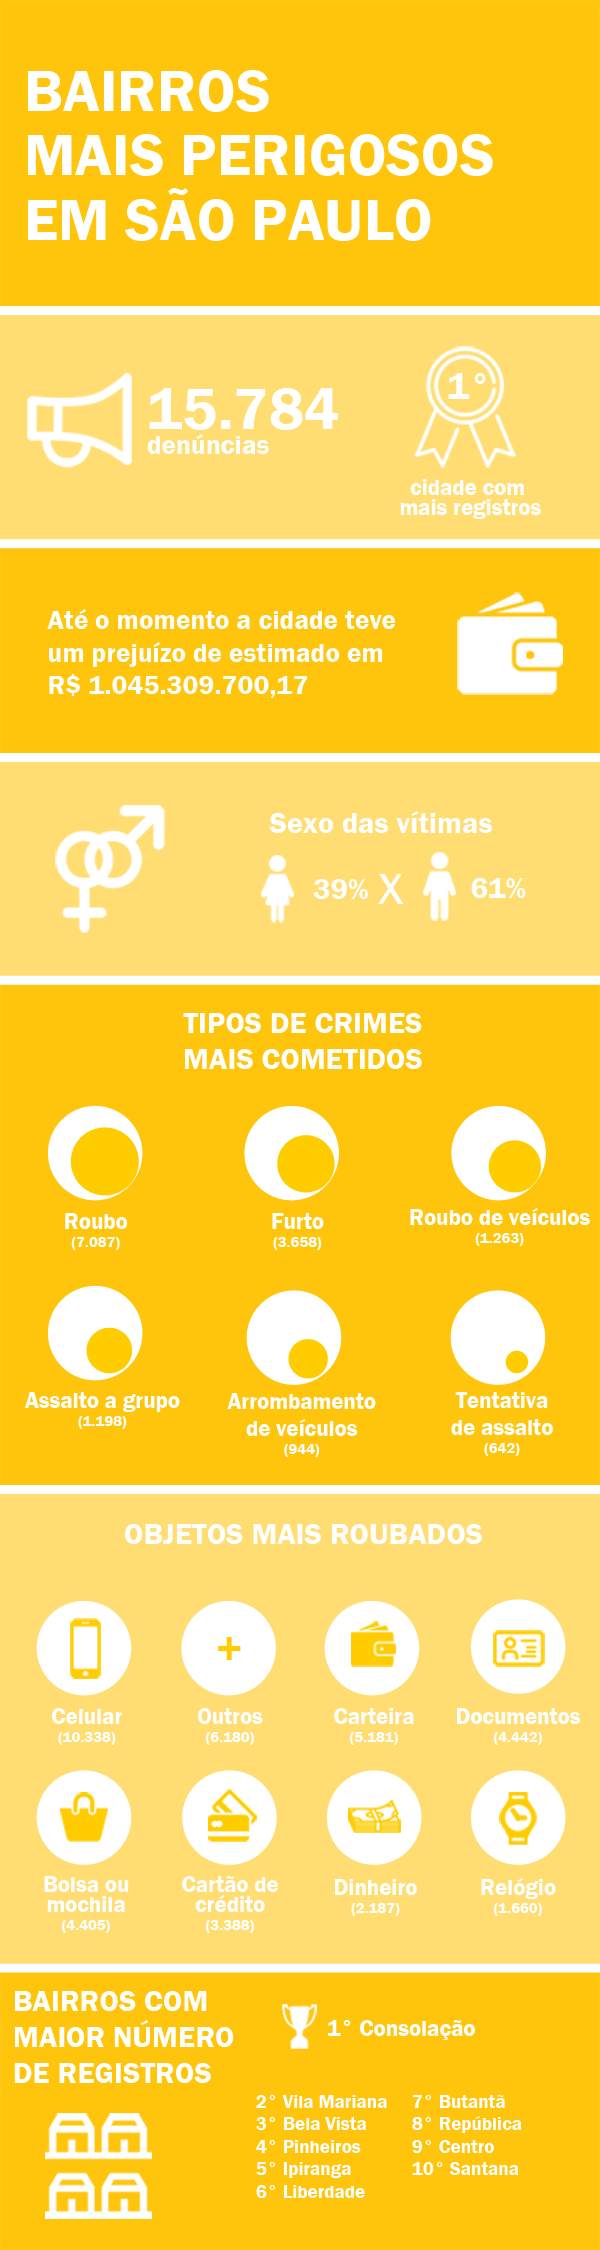 Infográfico dos bairros mais perigosos em São Paulo